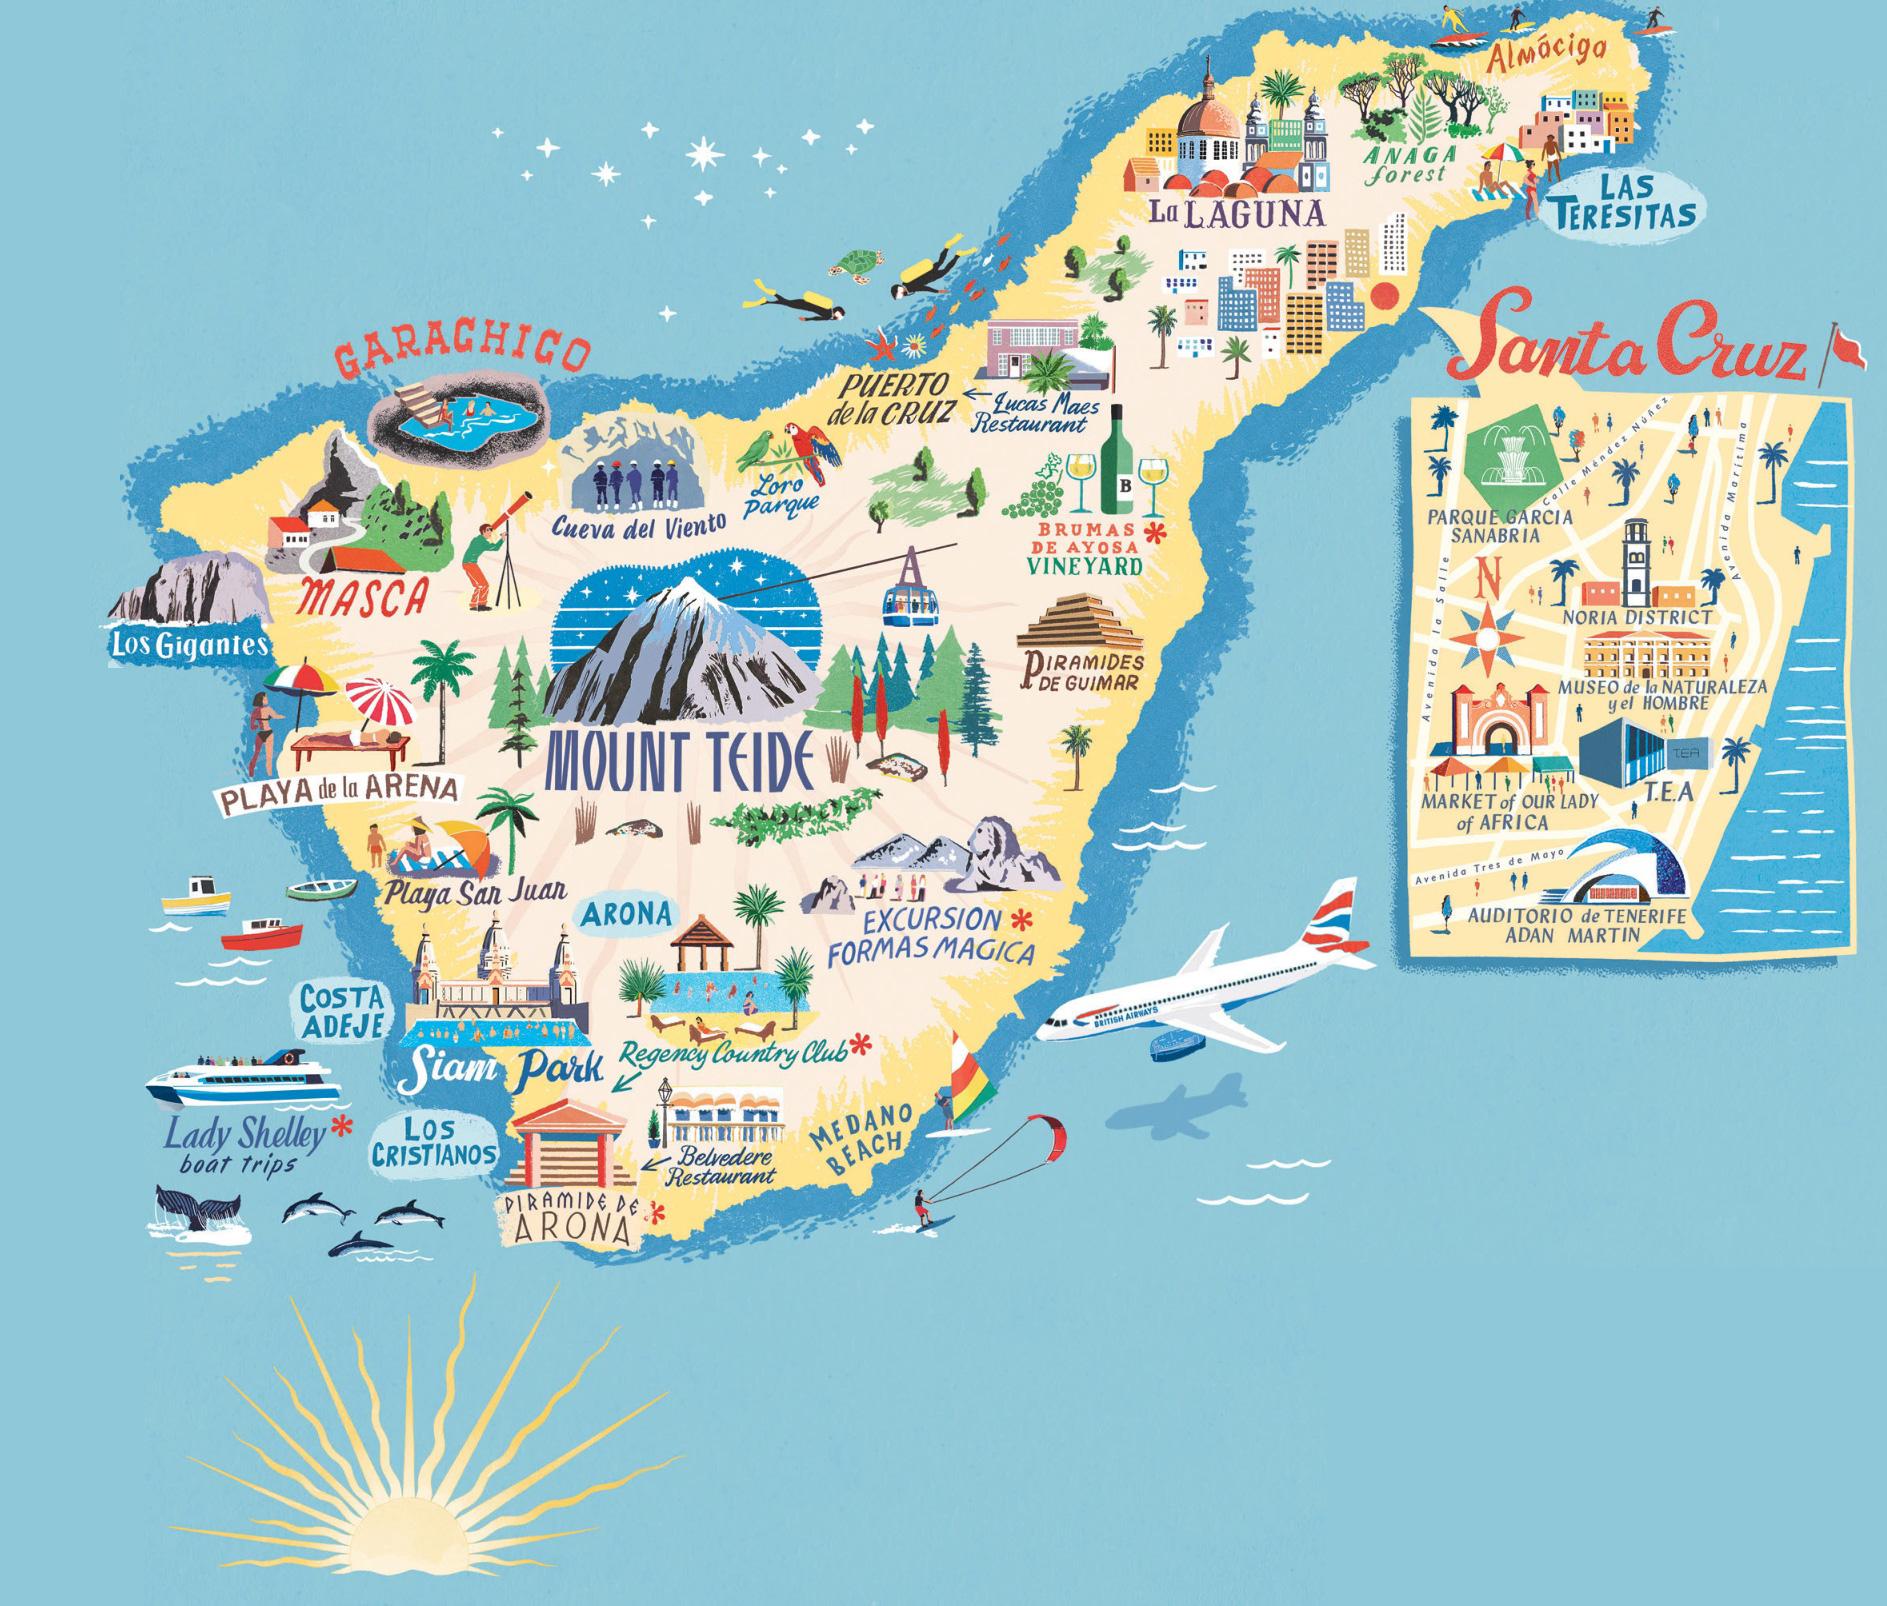 tenerife mapa Tenerife: Mapa con los mejores lugares del sur y norte de la isla tenerife mapa